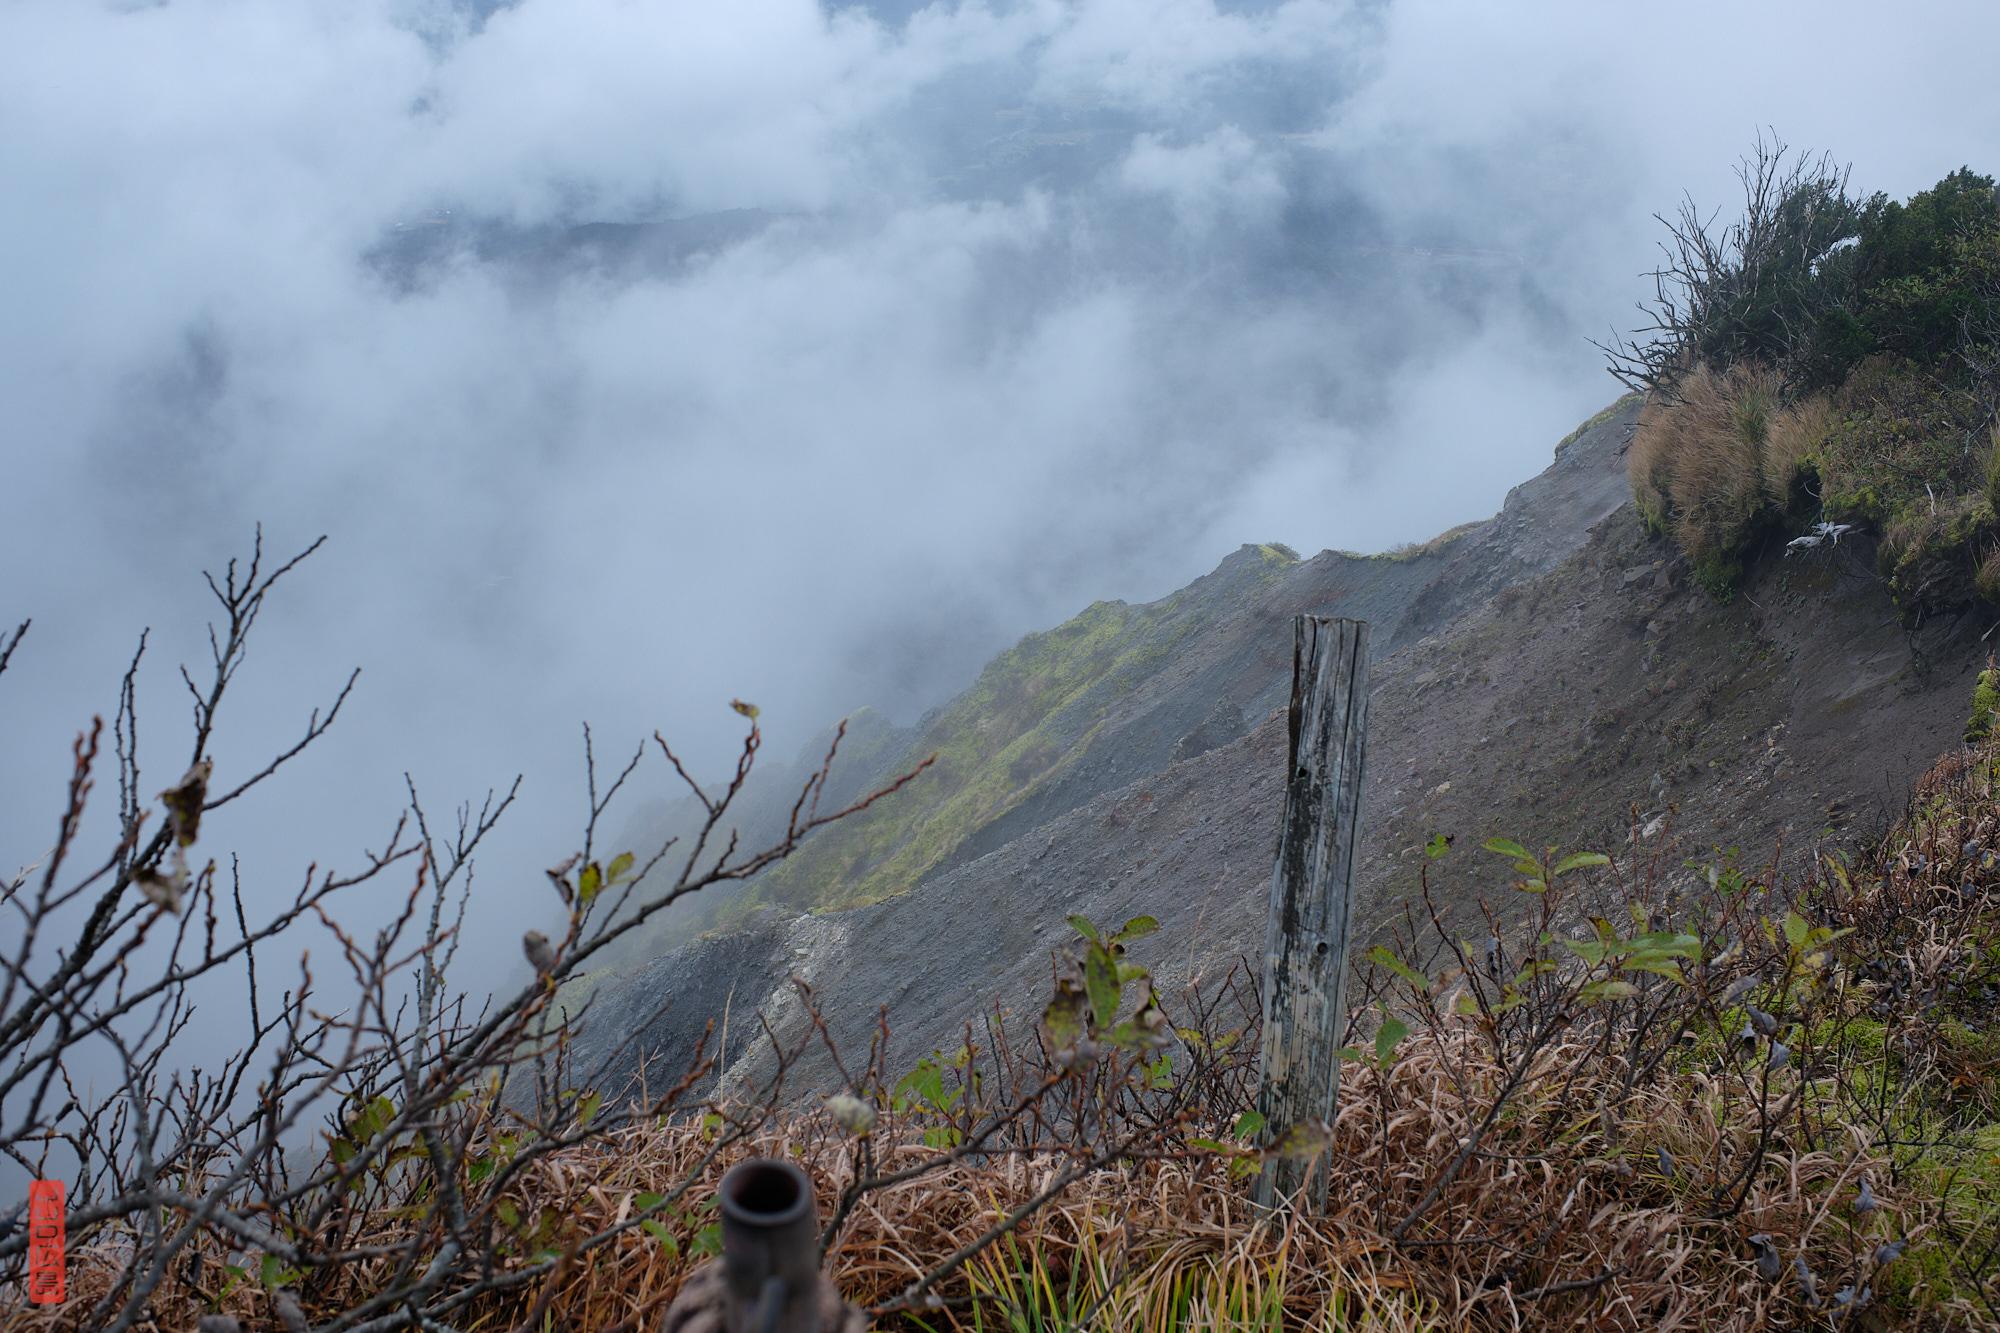 Sommet du Mont Daisen dans la brume